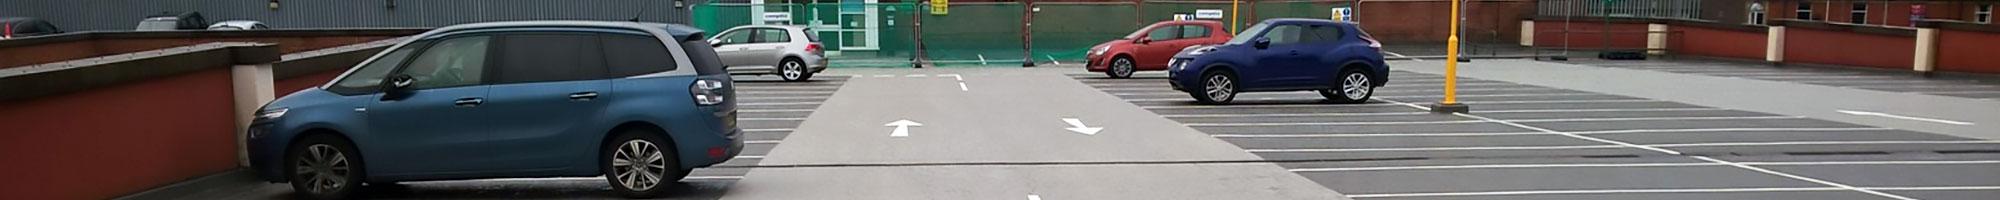 cCemplas - Banner - Car Park Refurbishment - Image 4